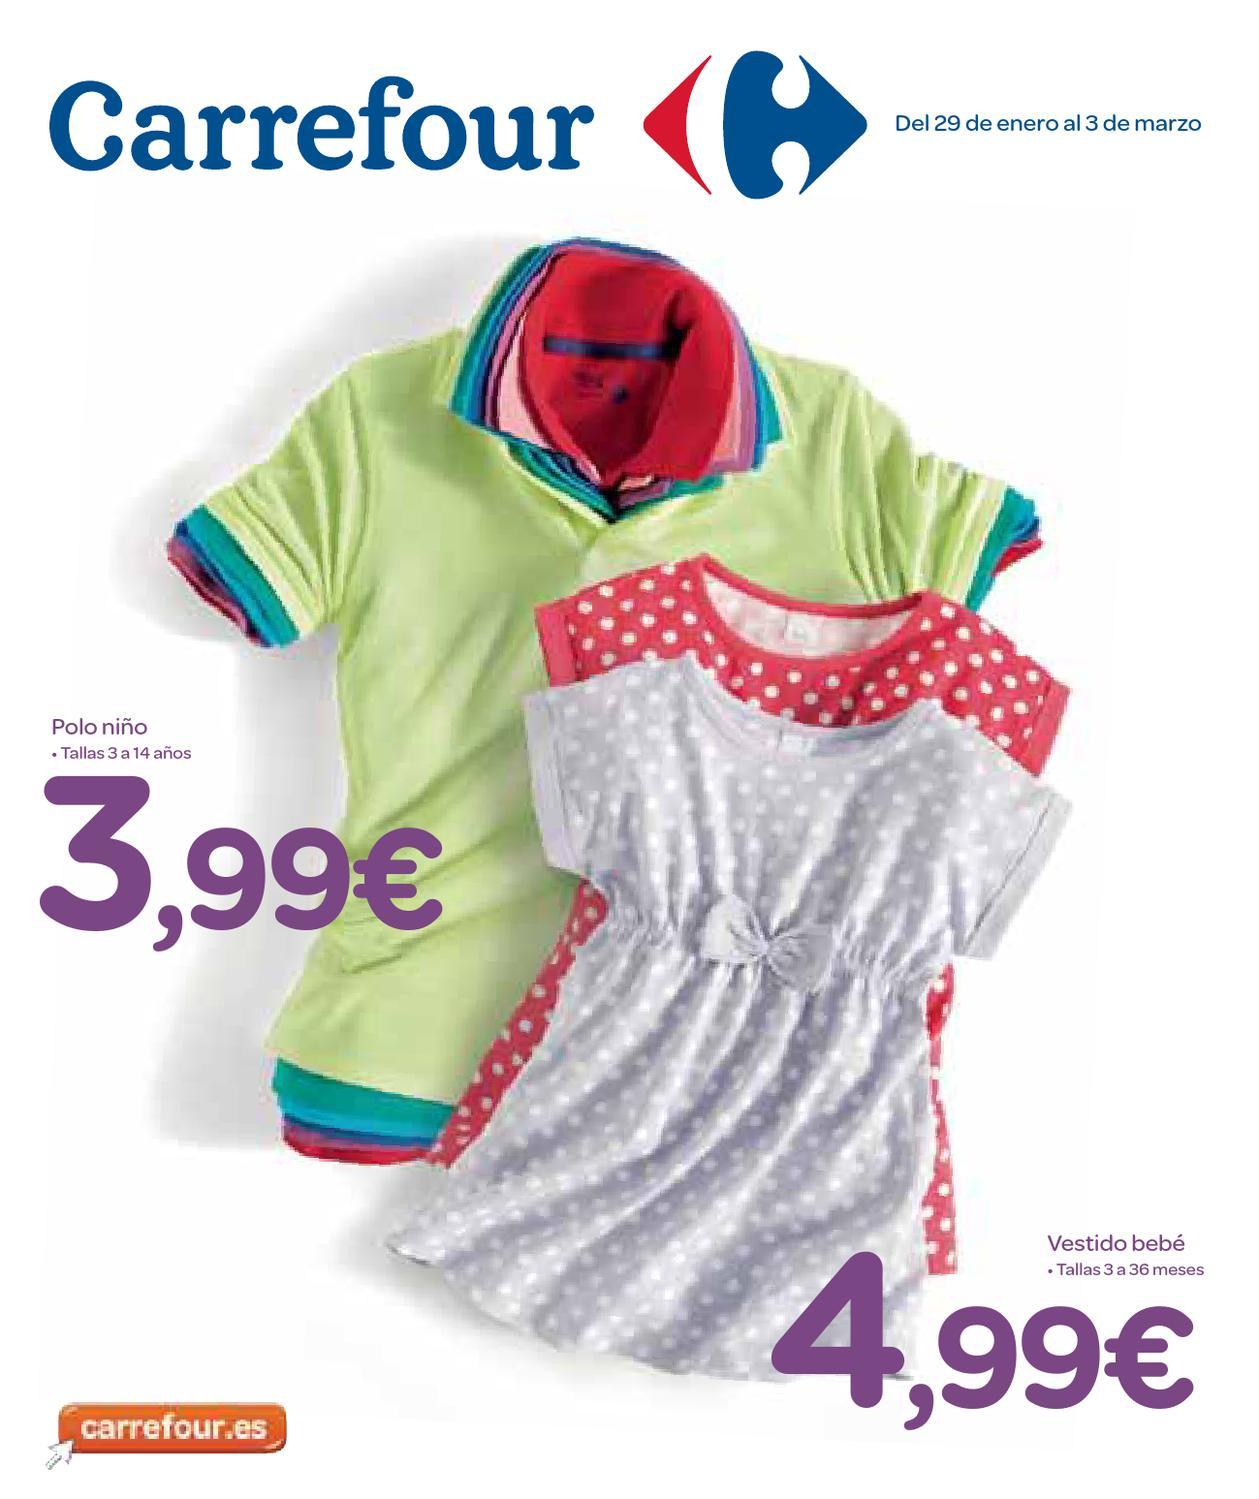 Carrefour catálogo ofertas para tu bebé by Hackos ECC - issuu